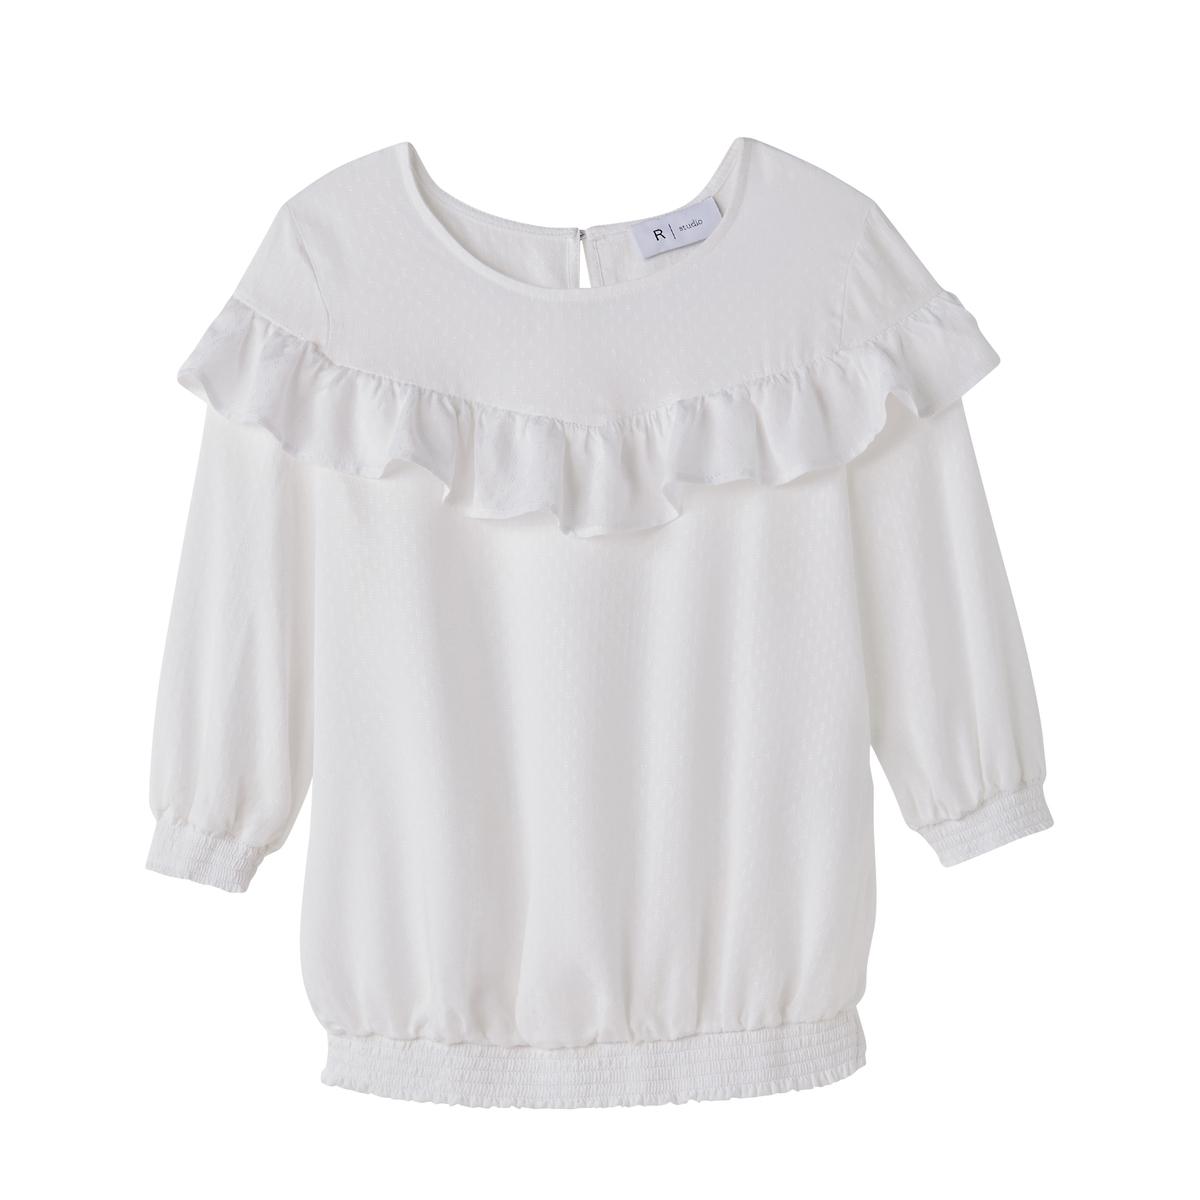 Blusa com mangas 3/4, cintura elástica, folhos